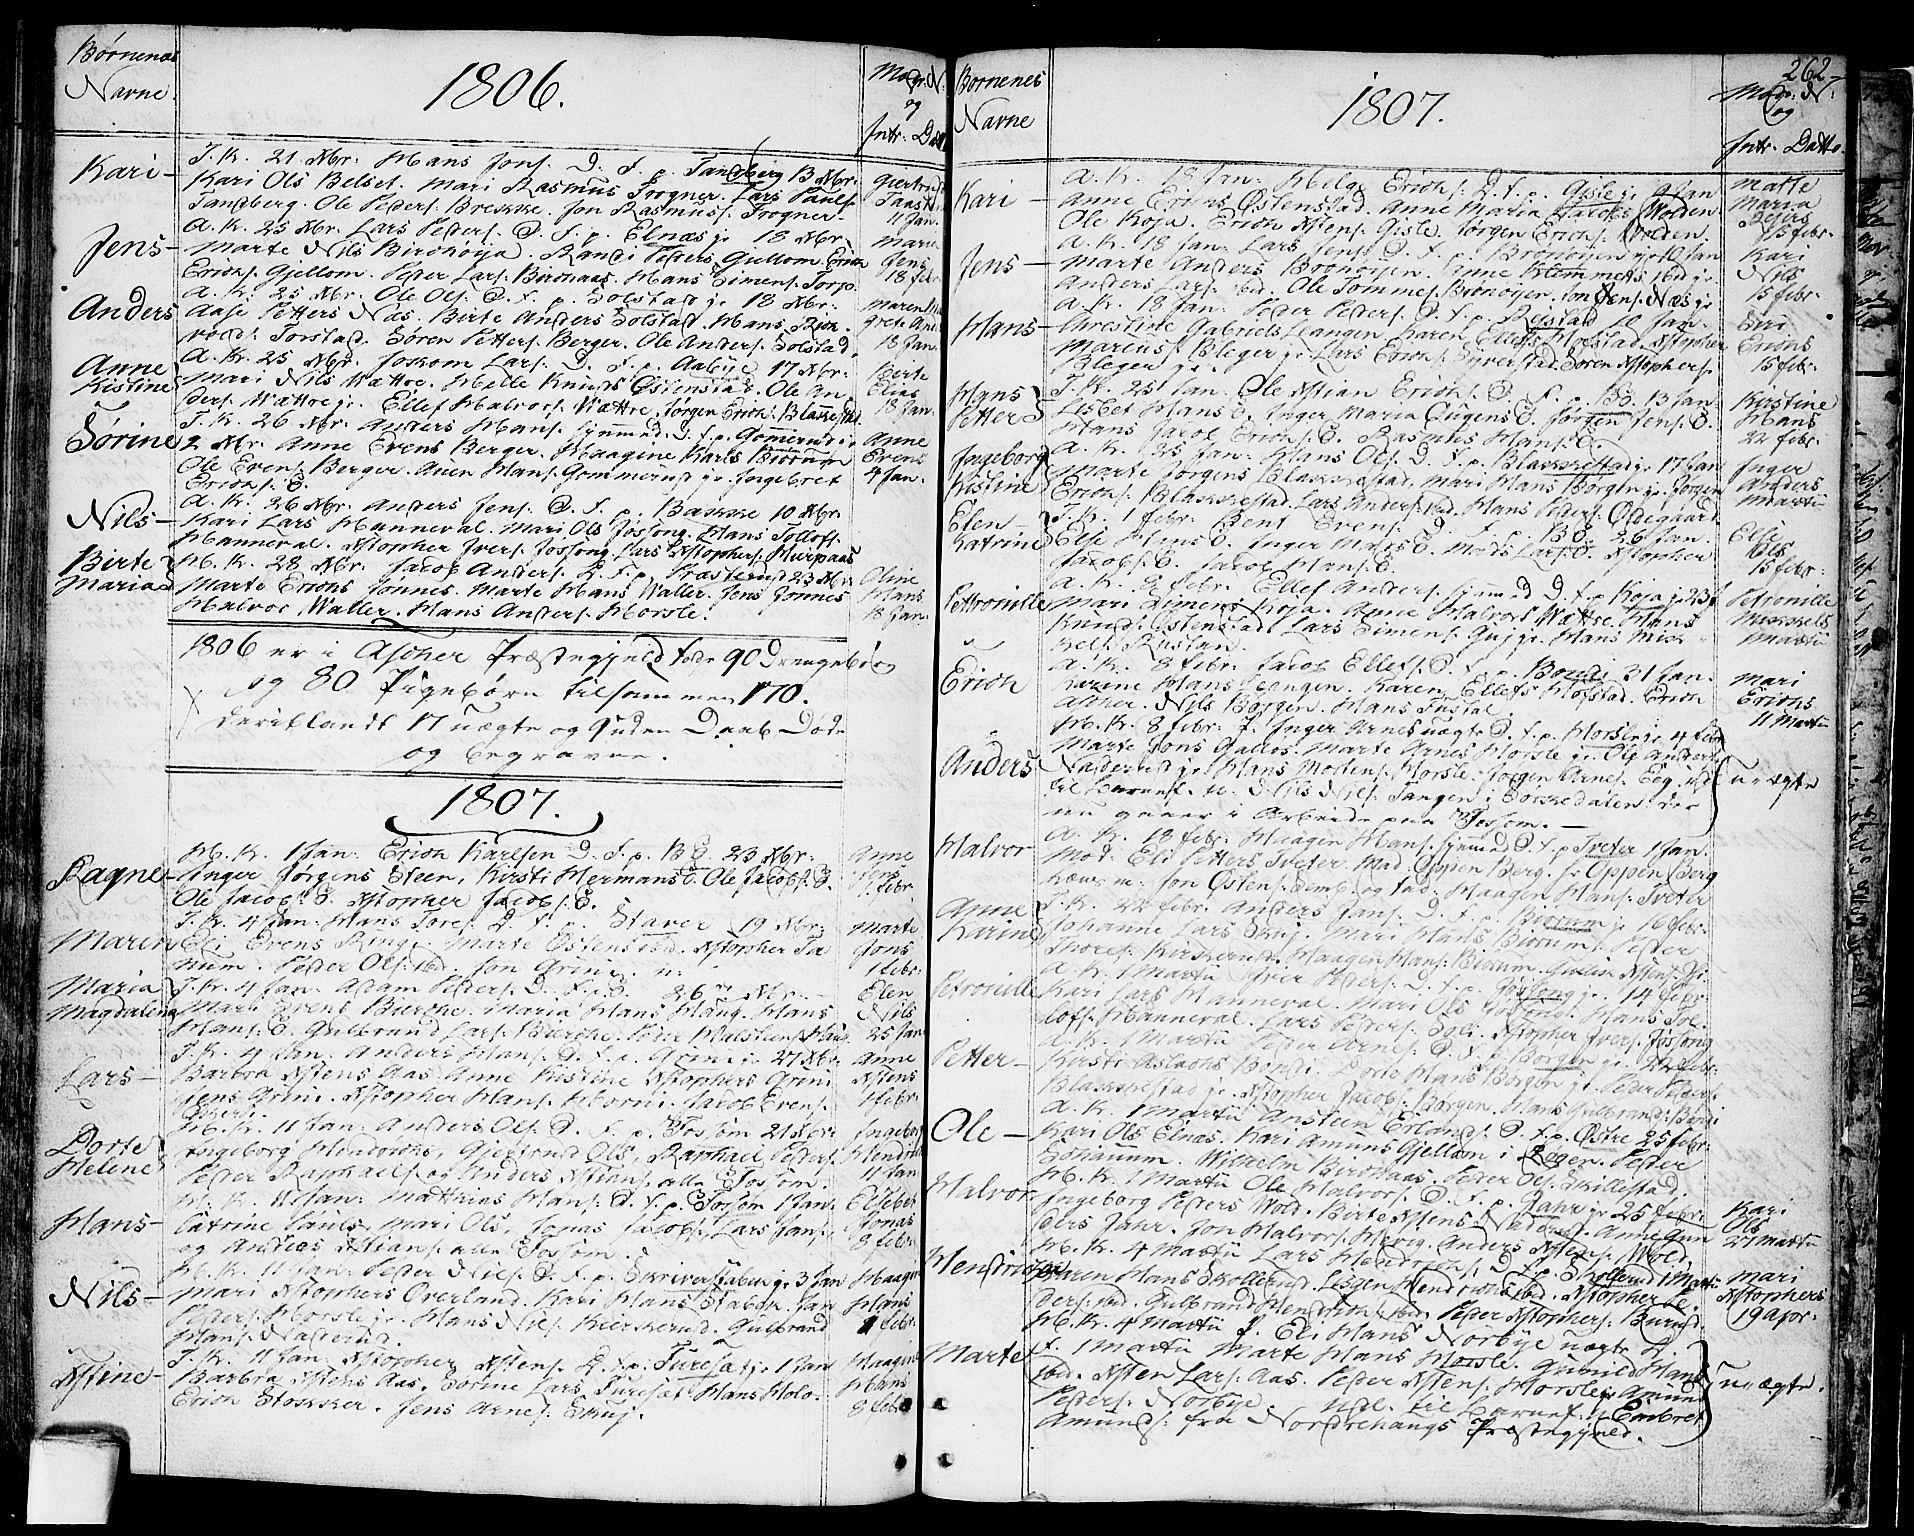 SAO, Asker prestekontor Kirkebøker, F/Fa/L0003: Ministerialbok nr. I 3, 1767-1807, s. 262